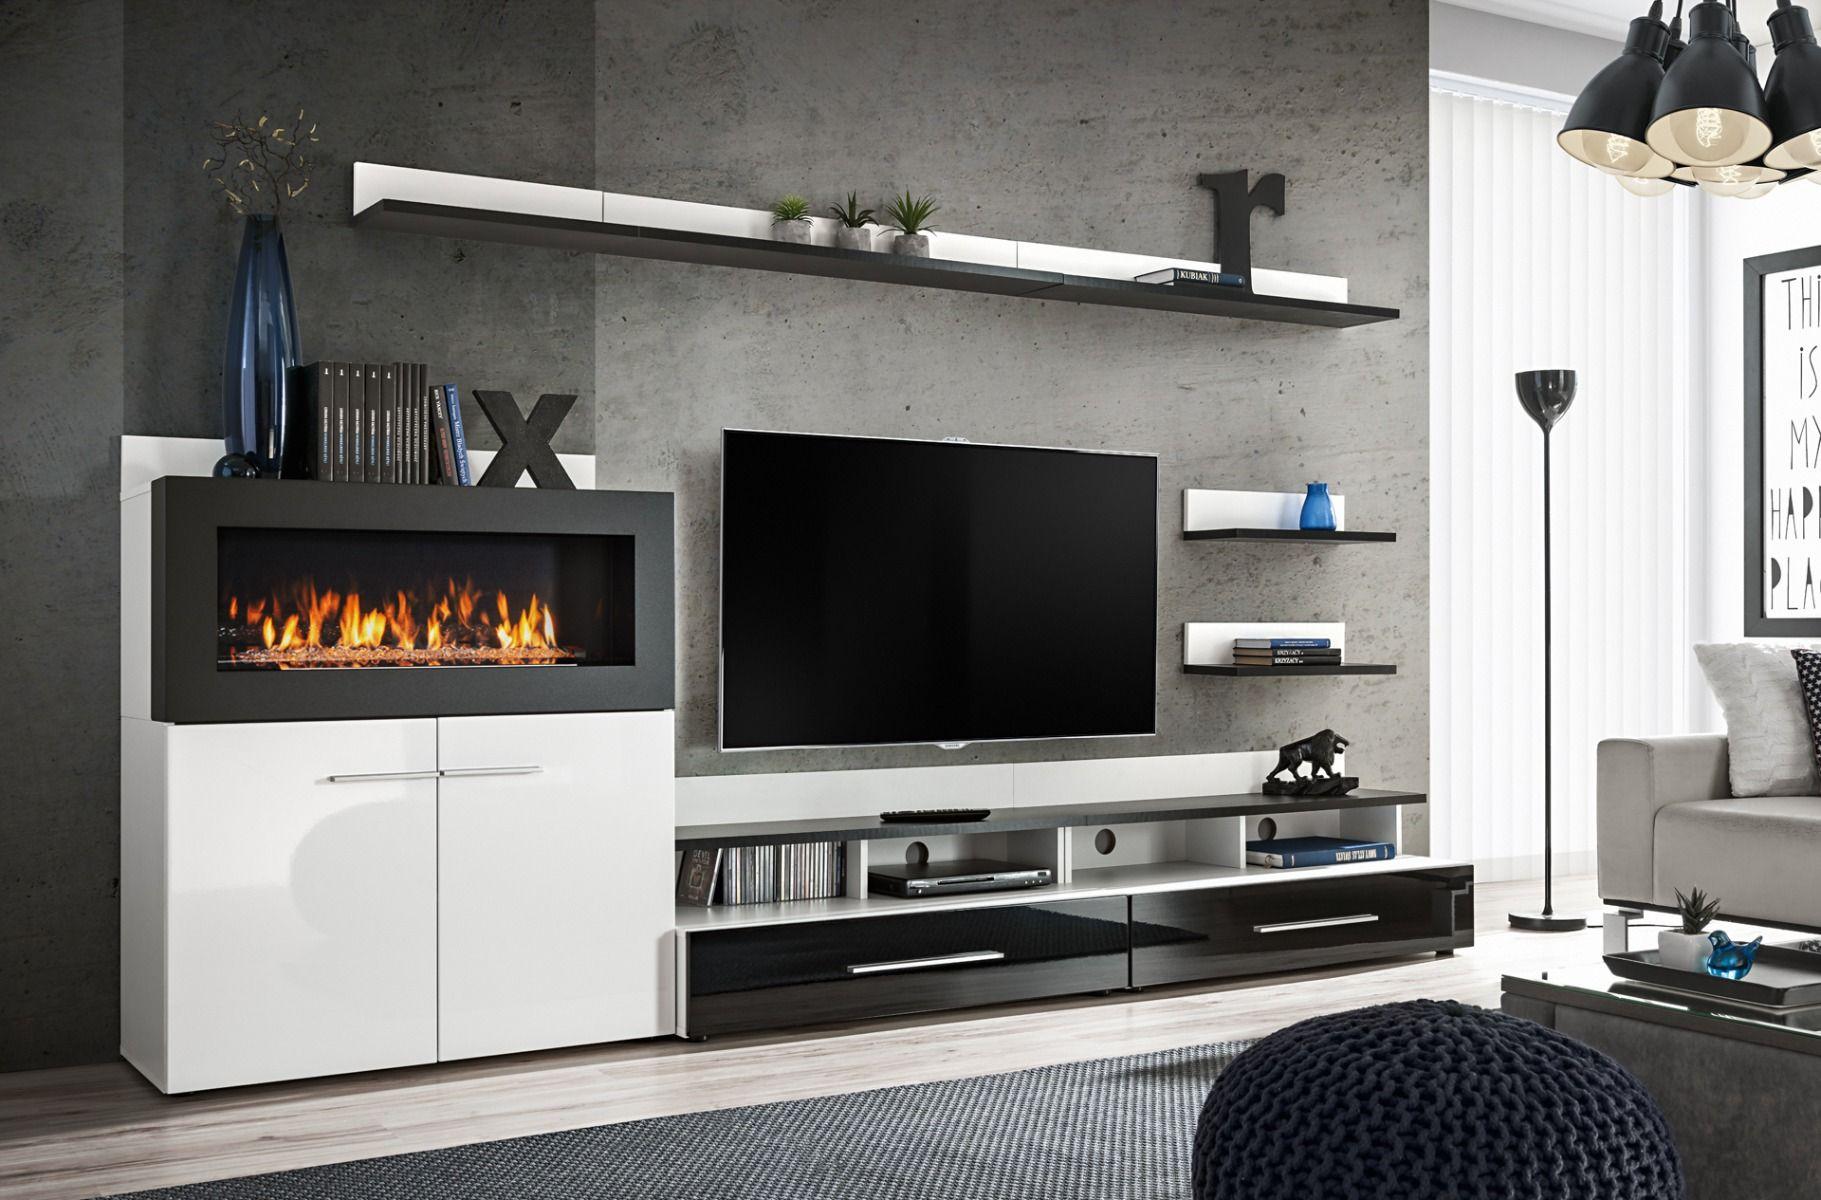 Meuble Tv Avec Bibliothèque cedar - entertainment wall unit with fire place | meuble tv